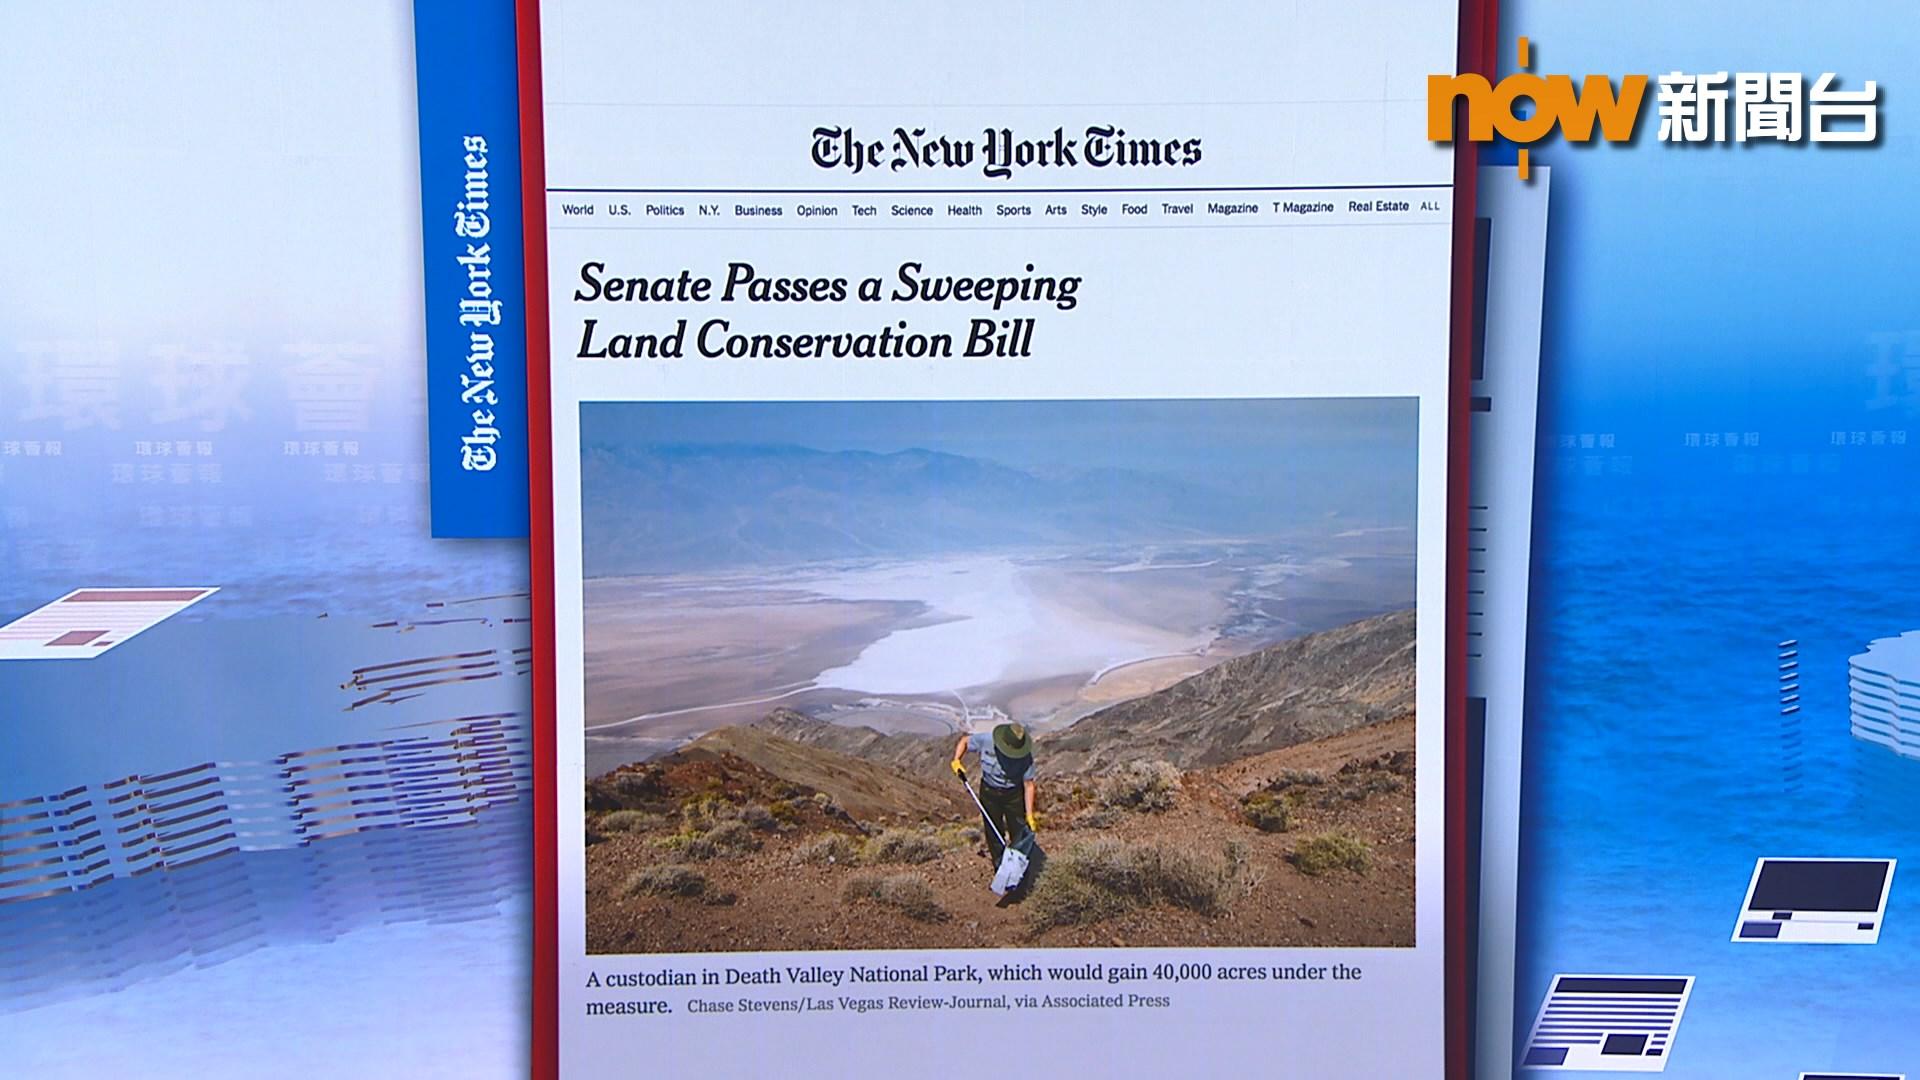 【環球薈報】美參院通過土地保育法增國家公園